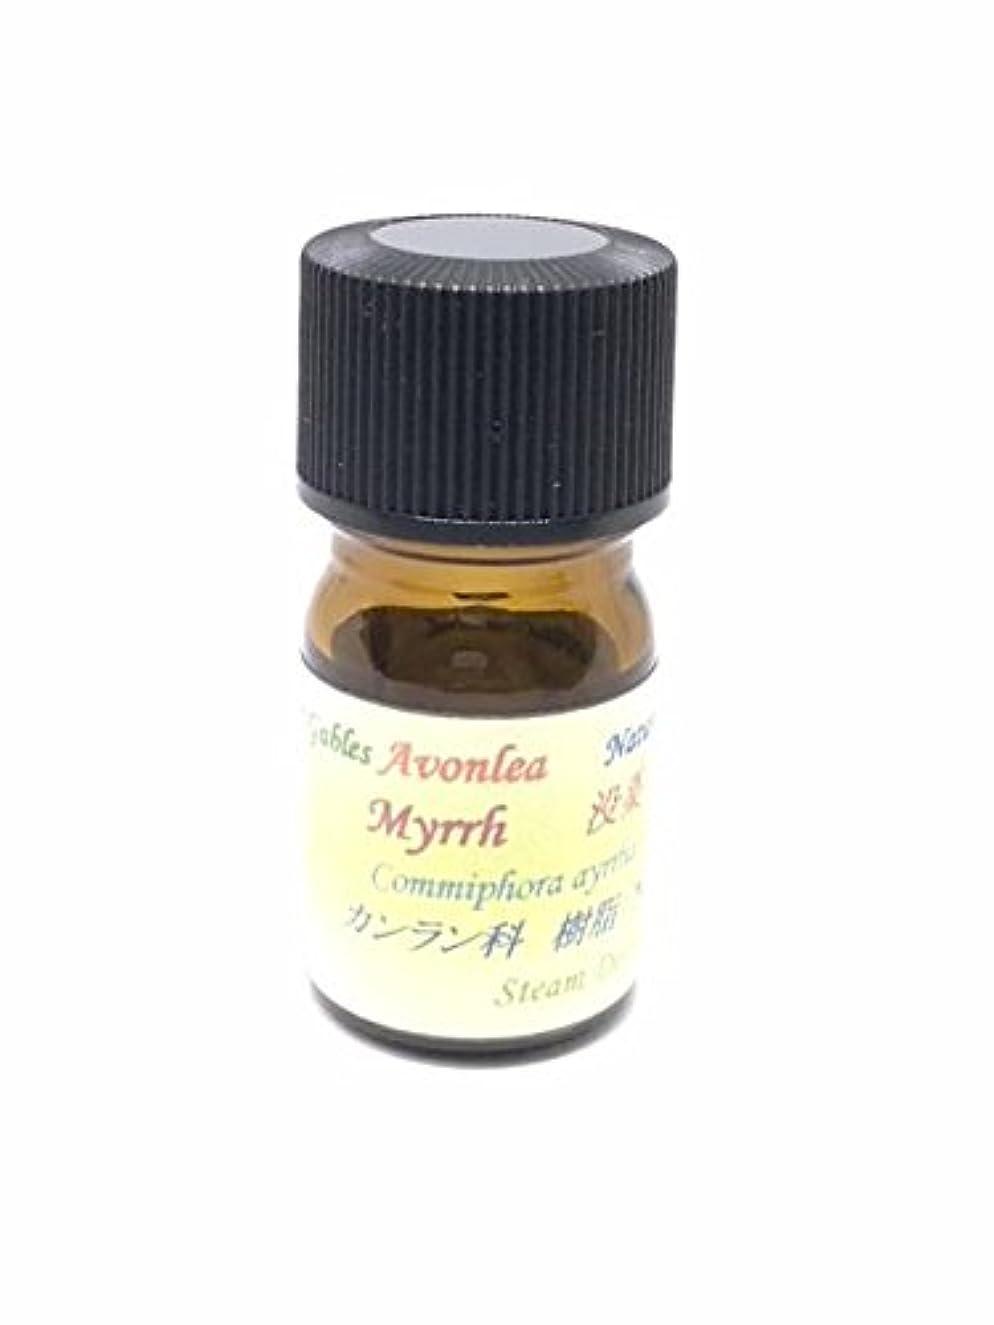 感謝する溶接圧力ミルラエッセンシャルオイル精油 (和名 没薬)Myrrh gel (5ml)